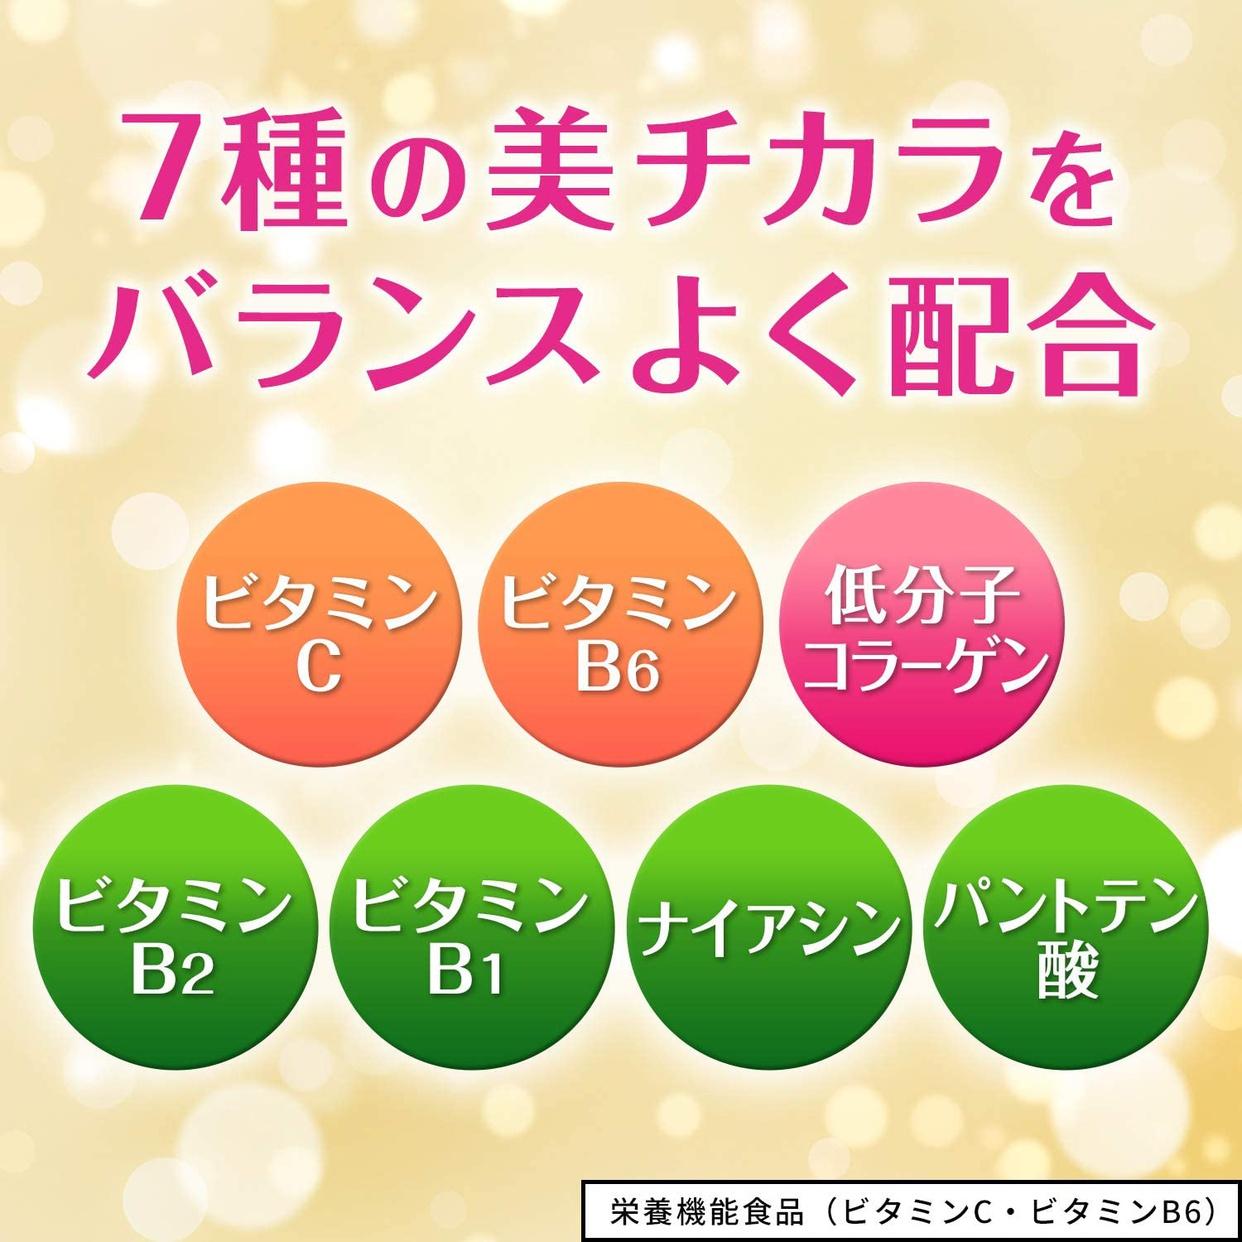 Eisai(エーザイ) 美 チョコラ コラーゲンの商品画像4